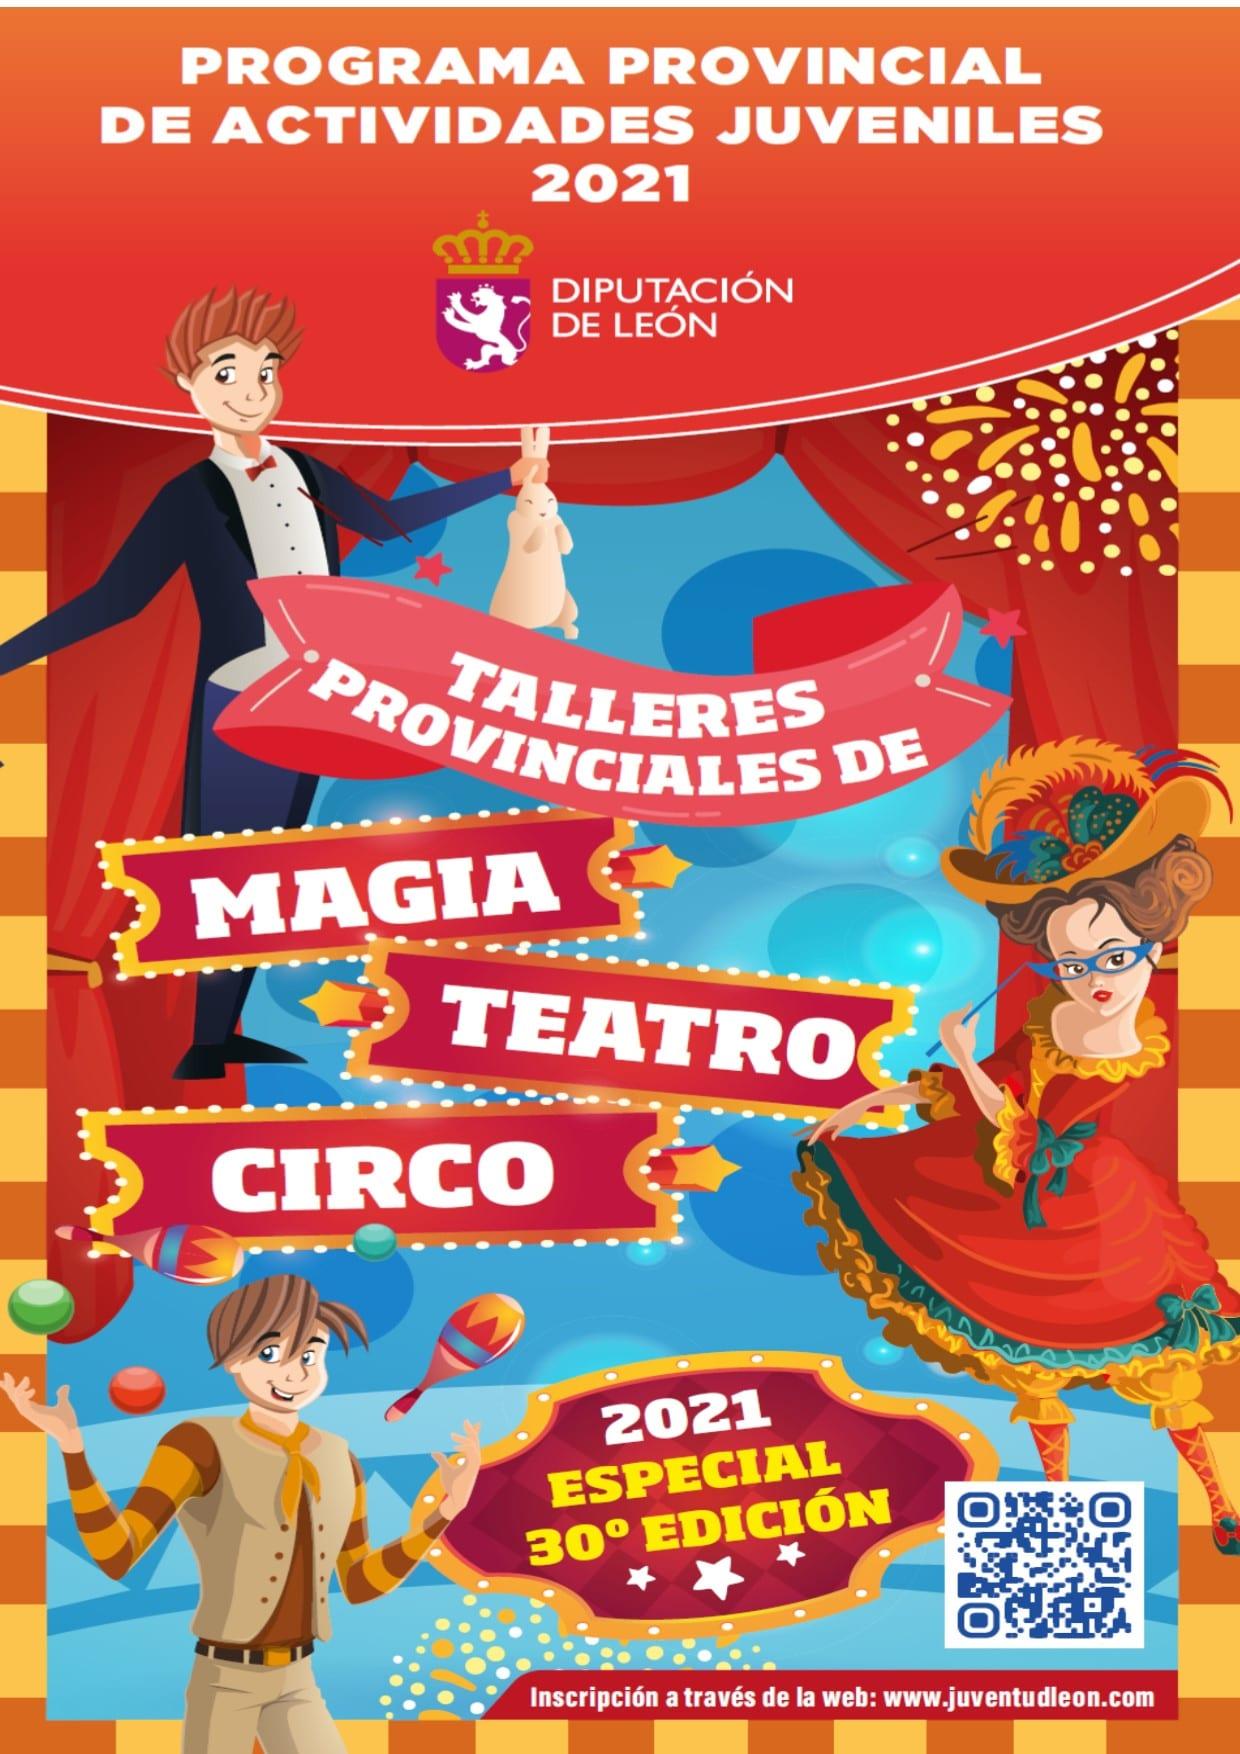 Cacabelos pone en marcha los talleres provinciales de magia, teatro y circo 2